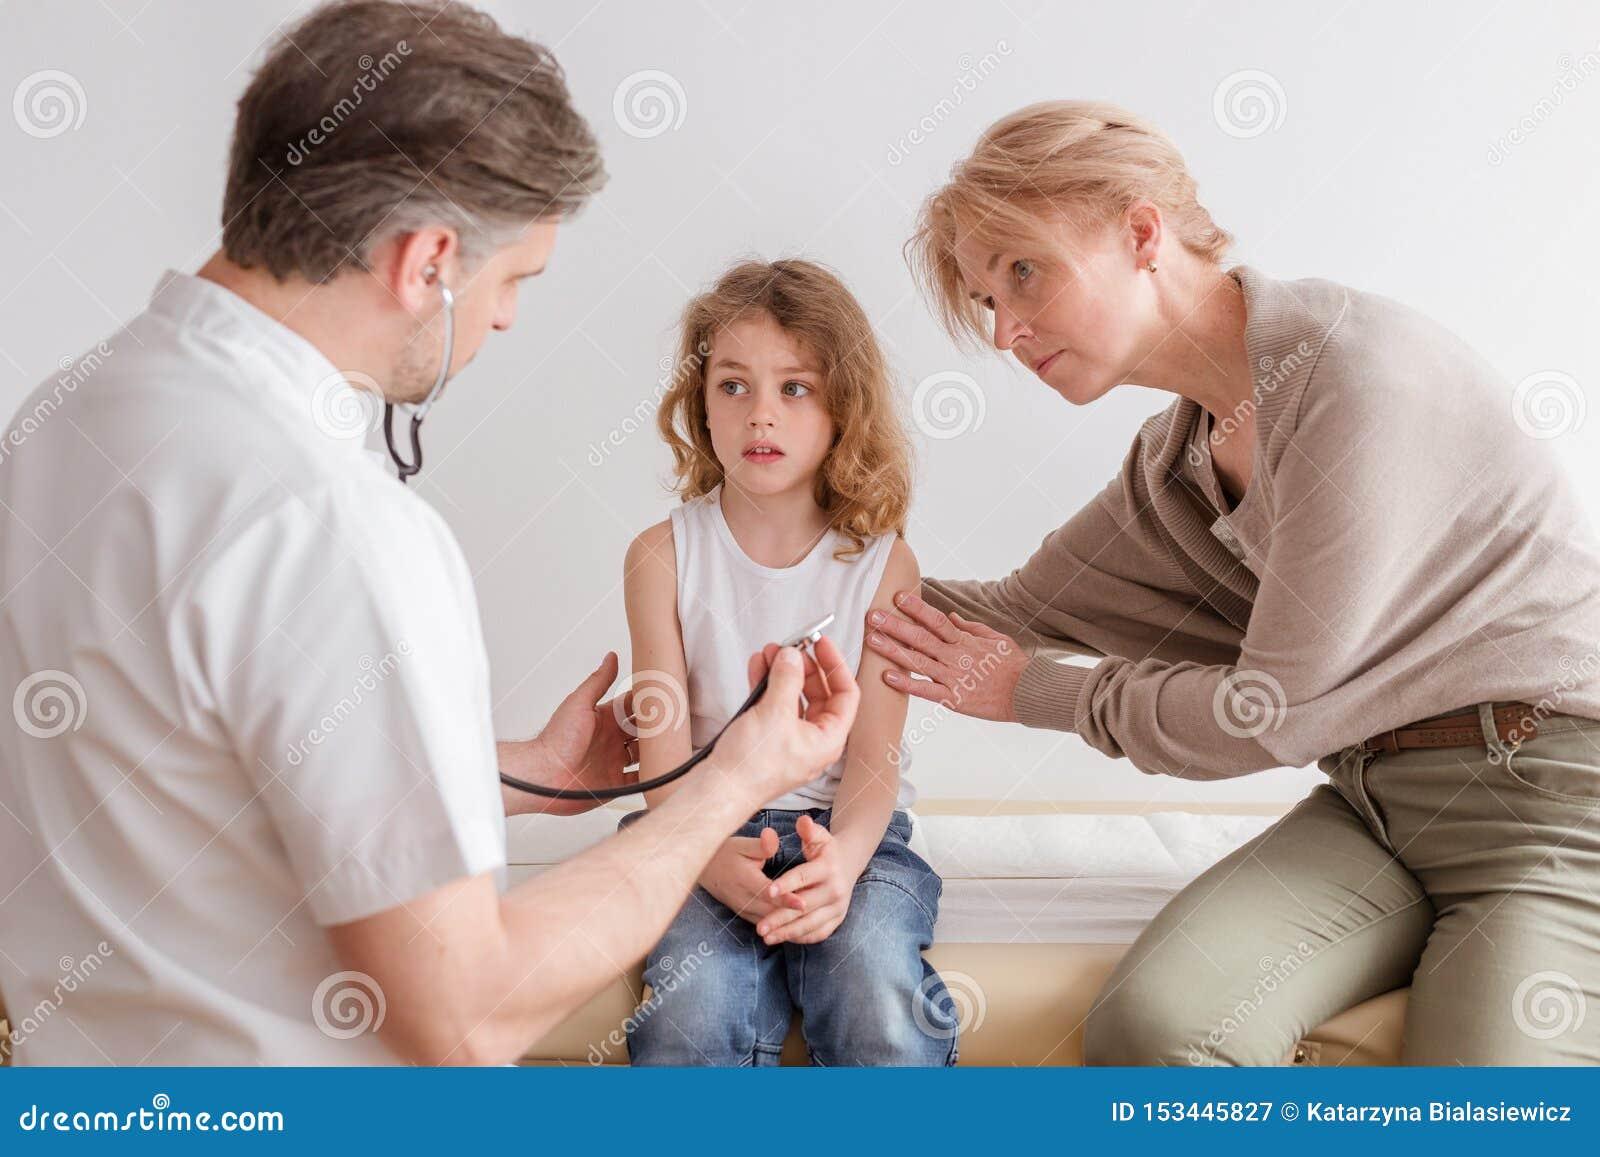 Criança doente com sintomas da pneumonia e doutor profissional no hospital